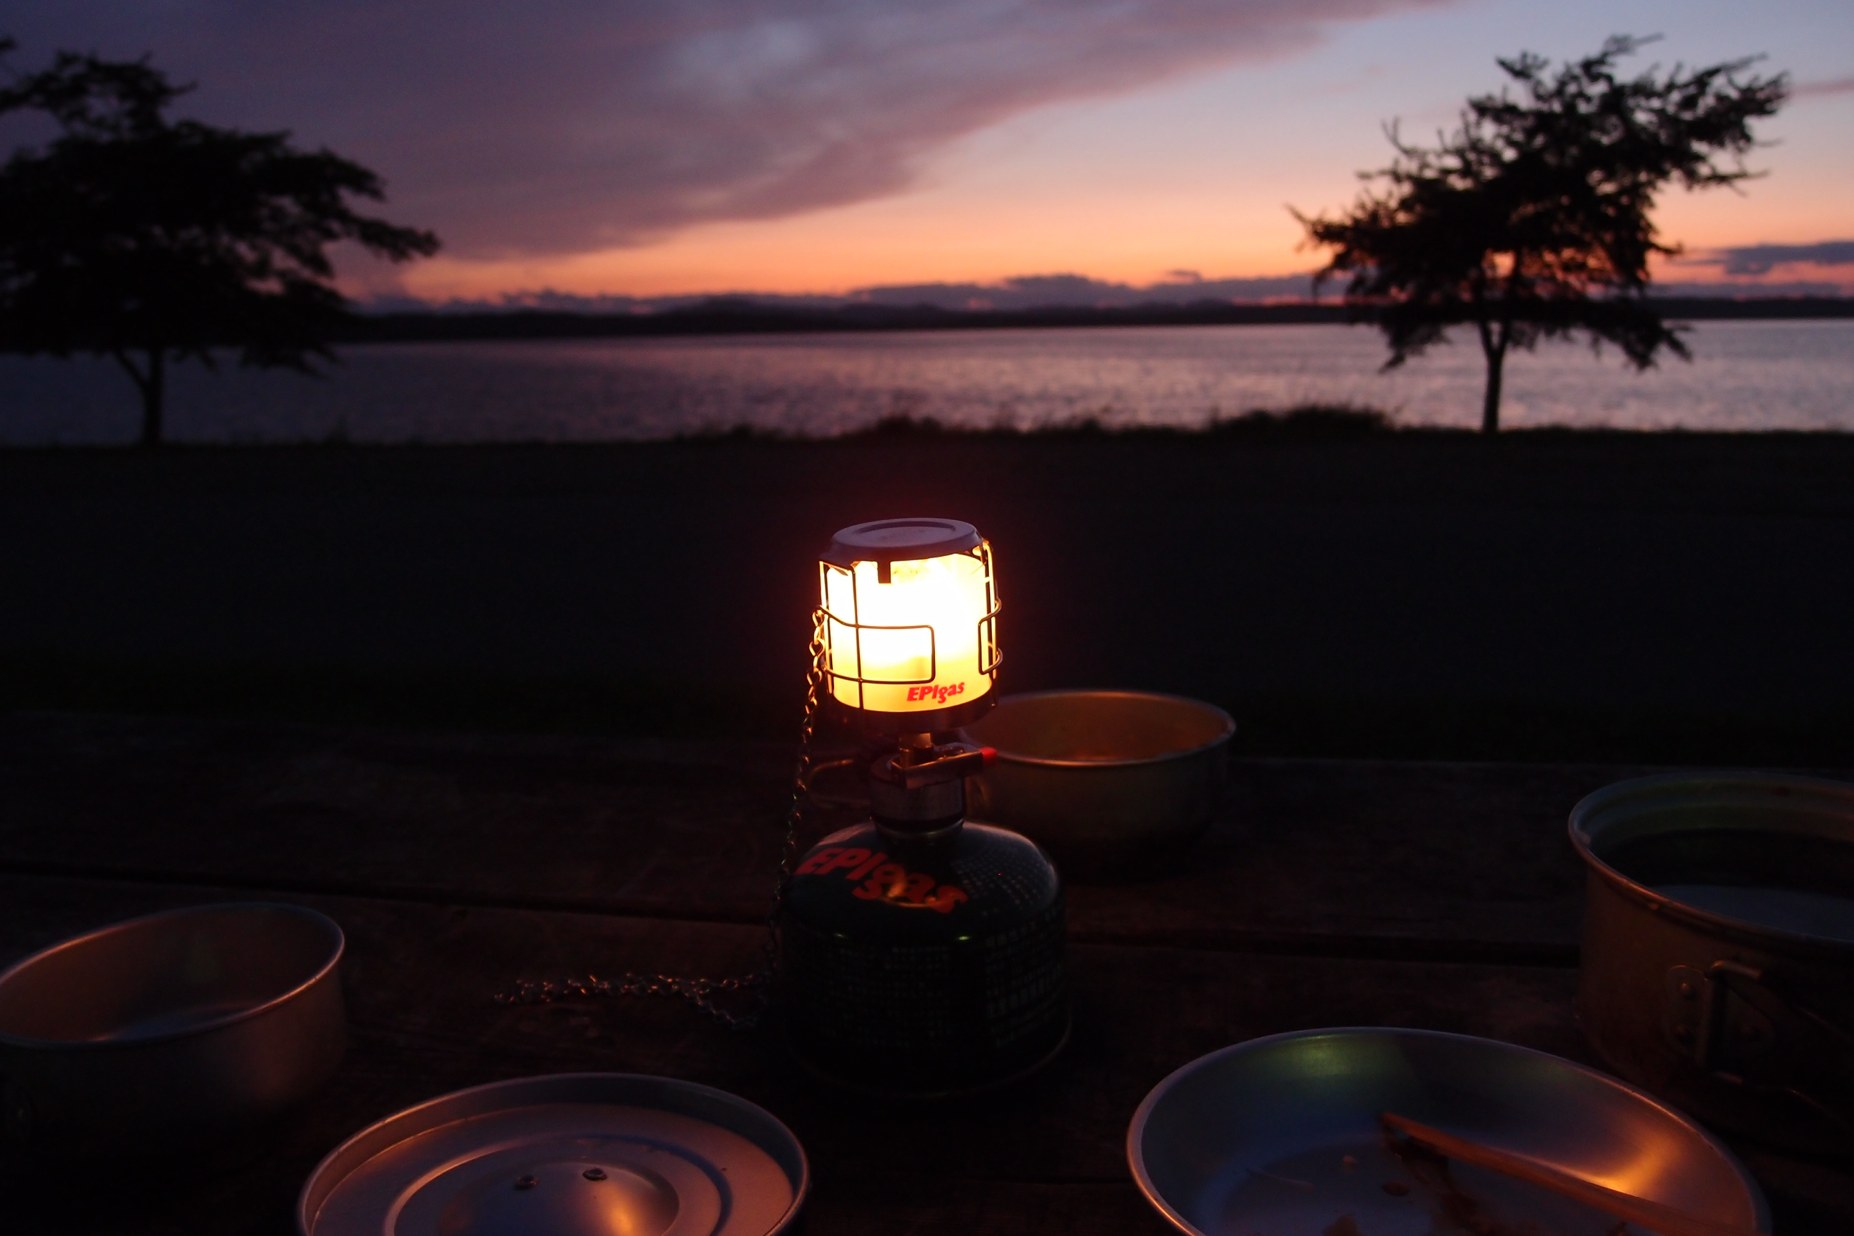 必要最少限のキッチン〜北海道湖畔キャンプ_a0116902_2253367.jpg